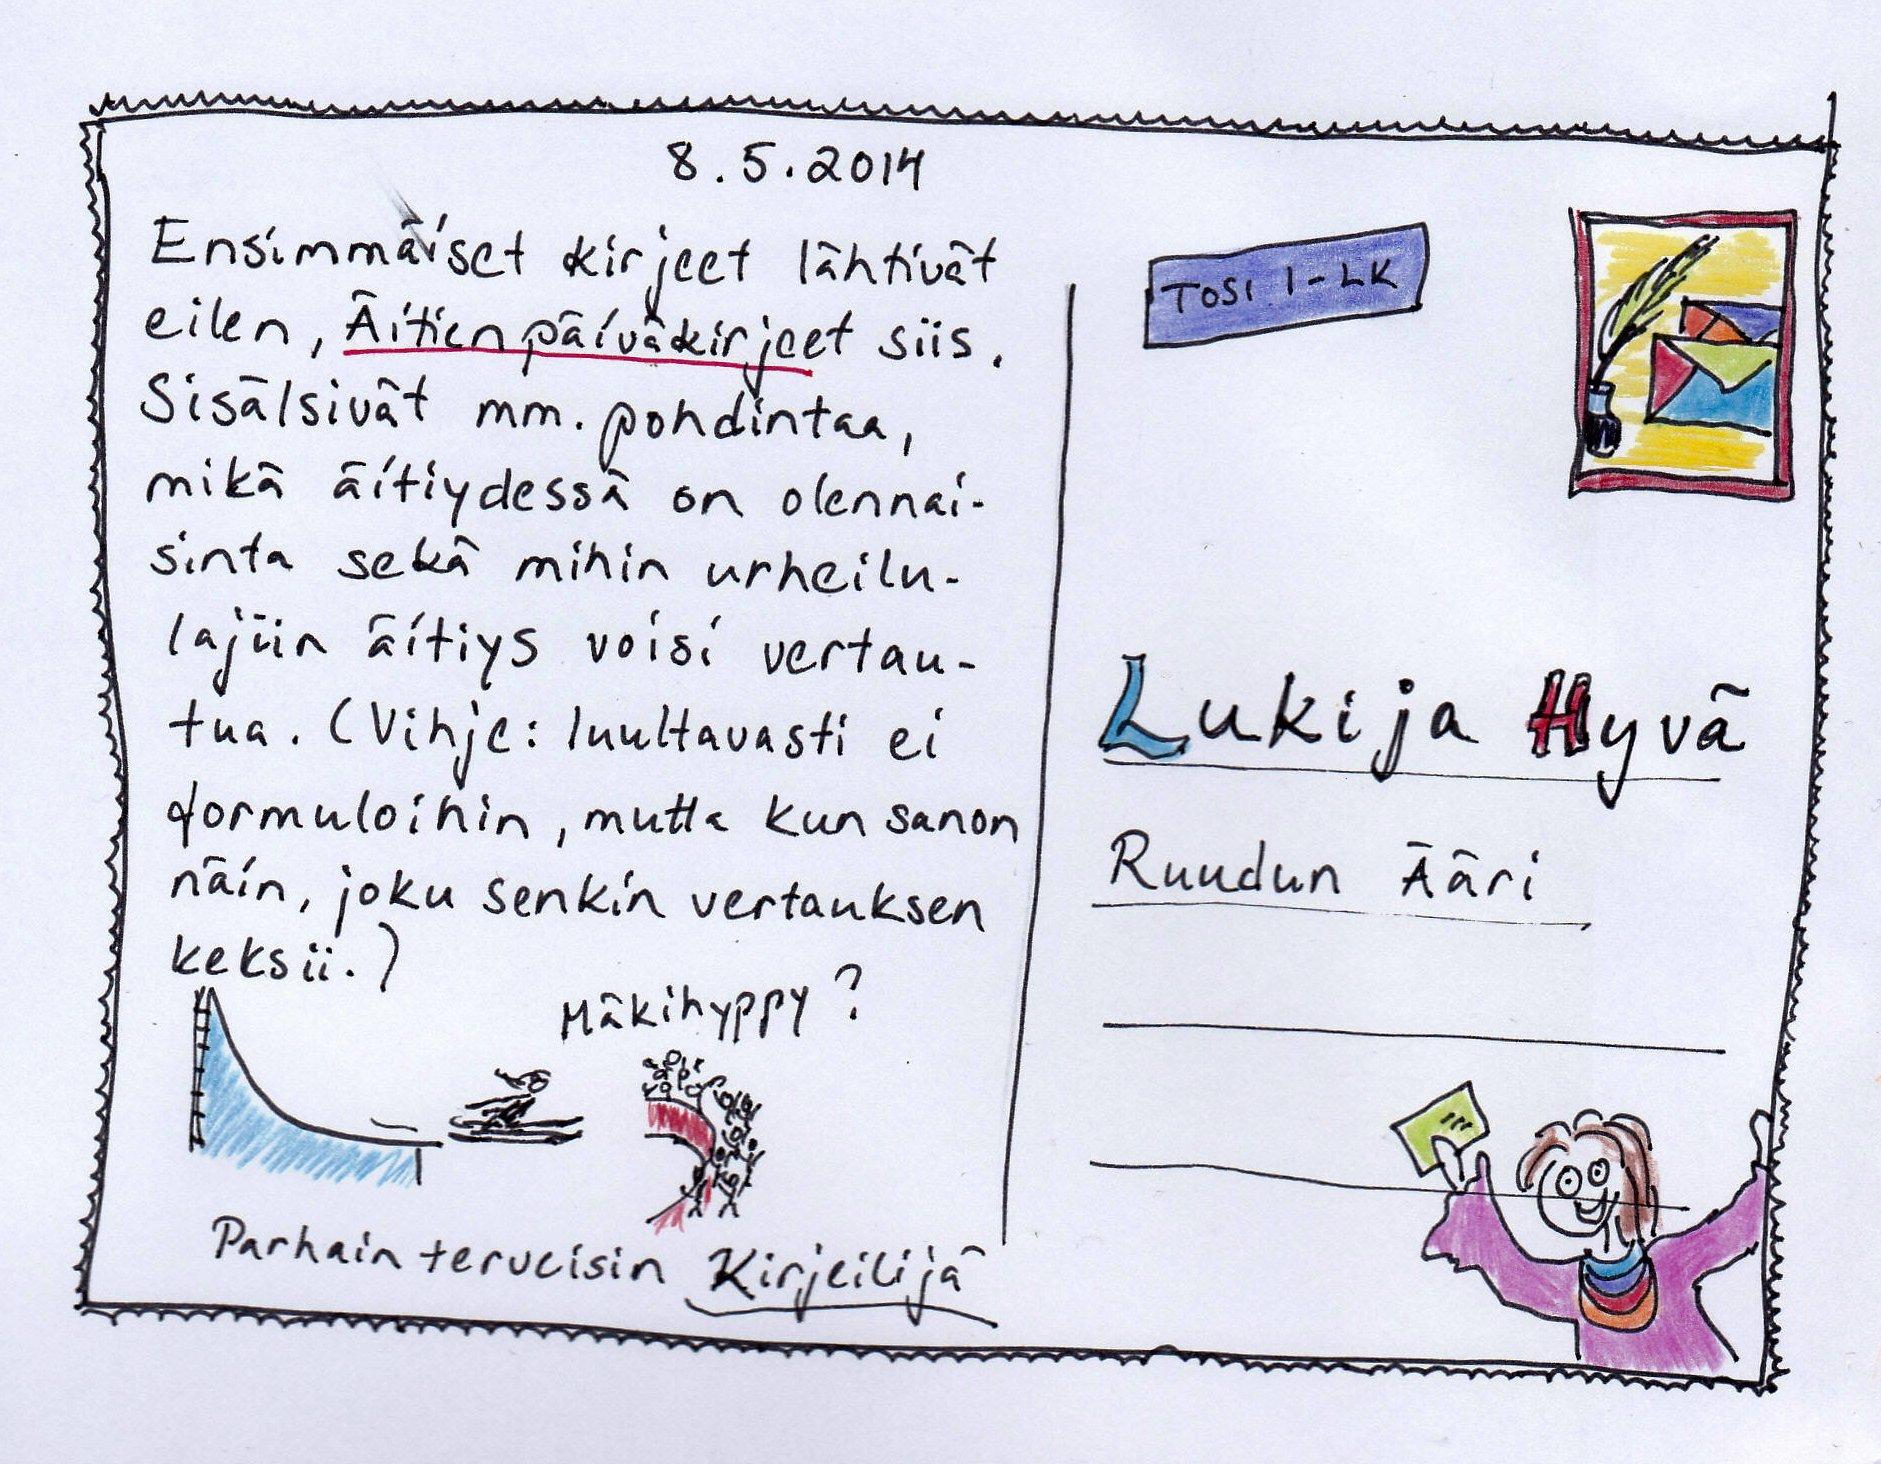 Postikortti Äitienpäiväkirjeestä eli Kurkistus kirjeeseen Ruudun TuollaPuolen